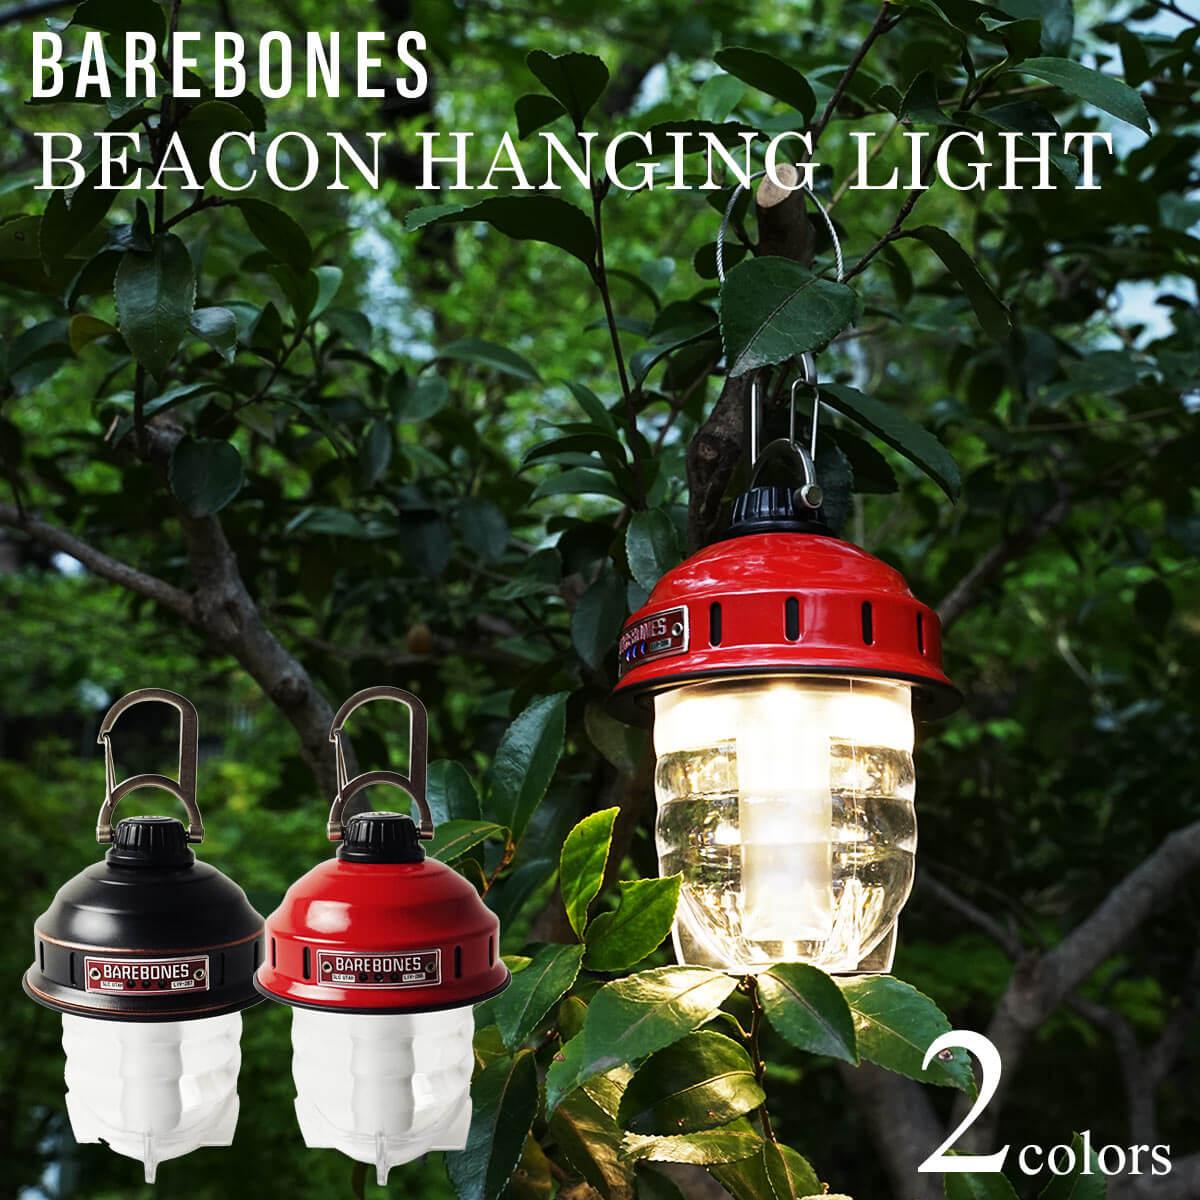 ベアボーンズ 爆安 BAREBONES ビーコンライト LED ランタン 30~220ルーメン 充電 商舗 小型 USB サブランタン